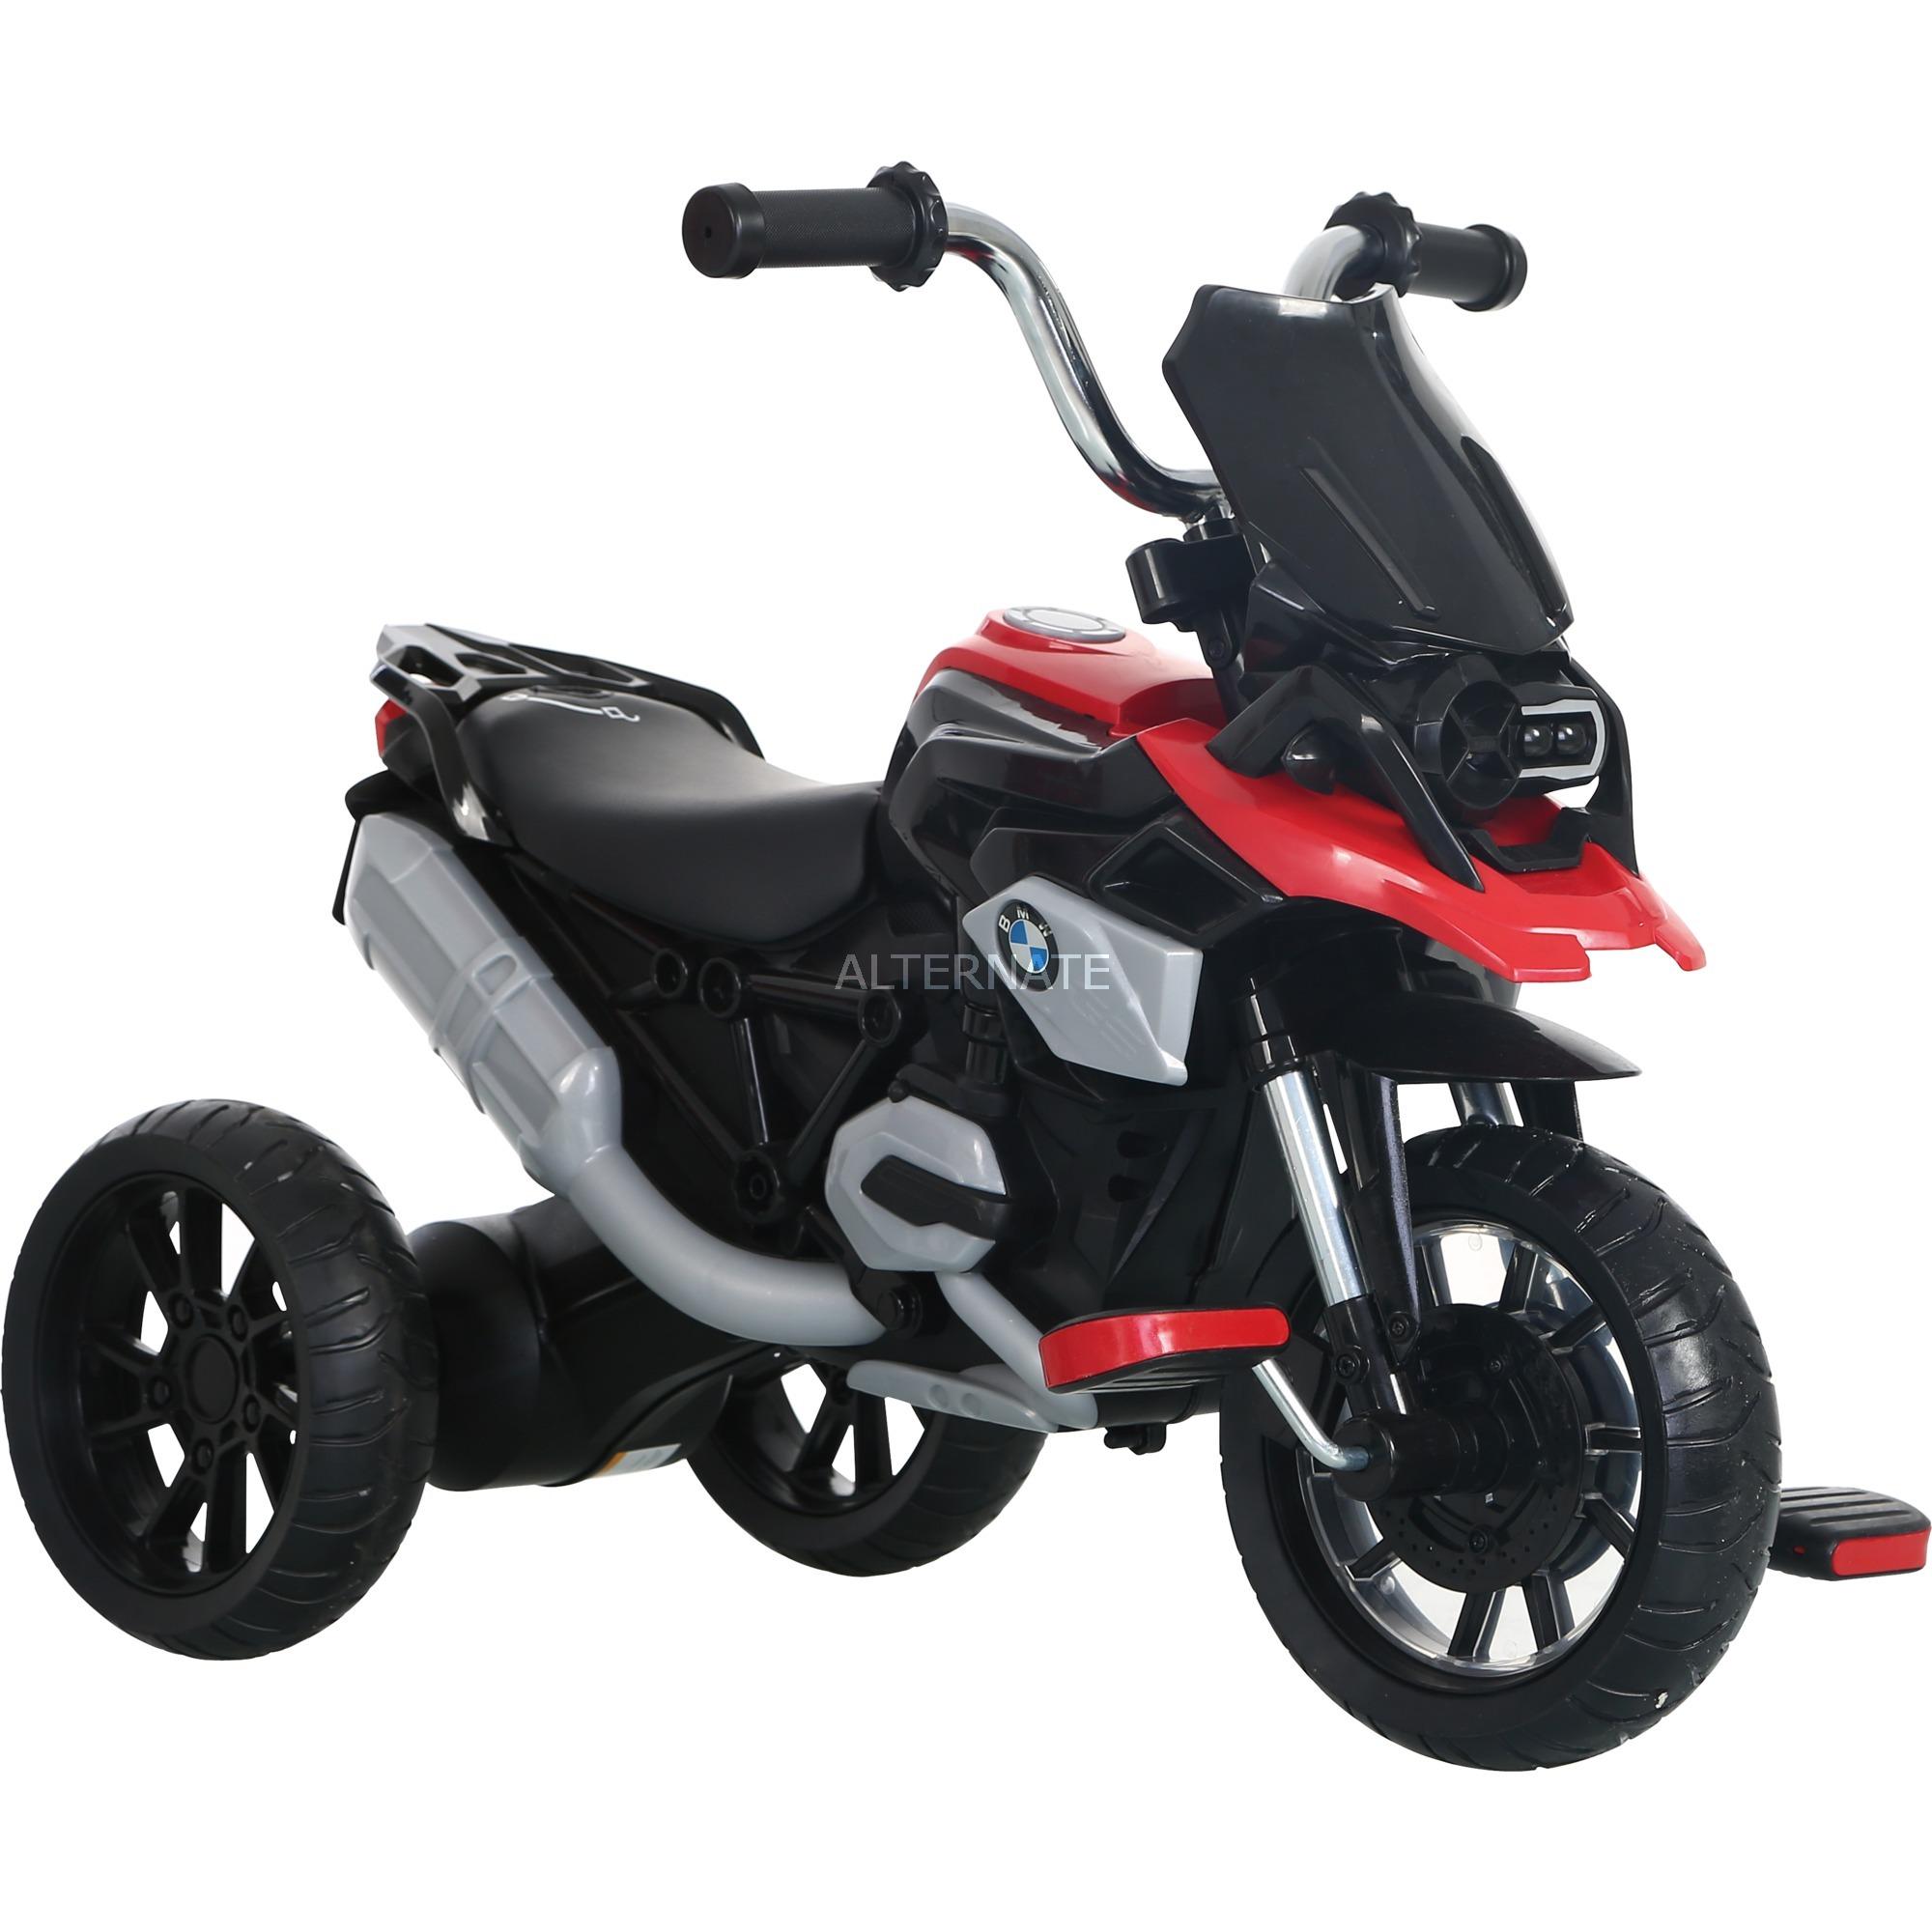 SR1300-42314, Automóvil de juguete